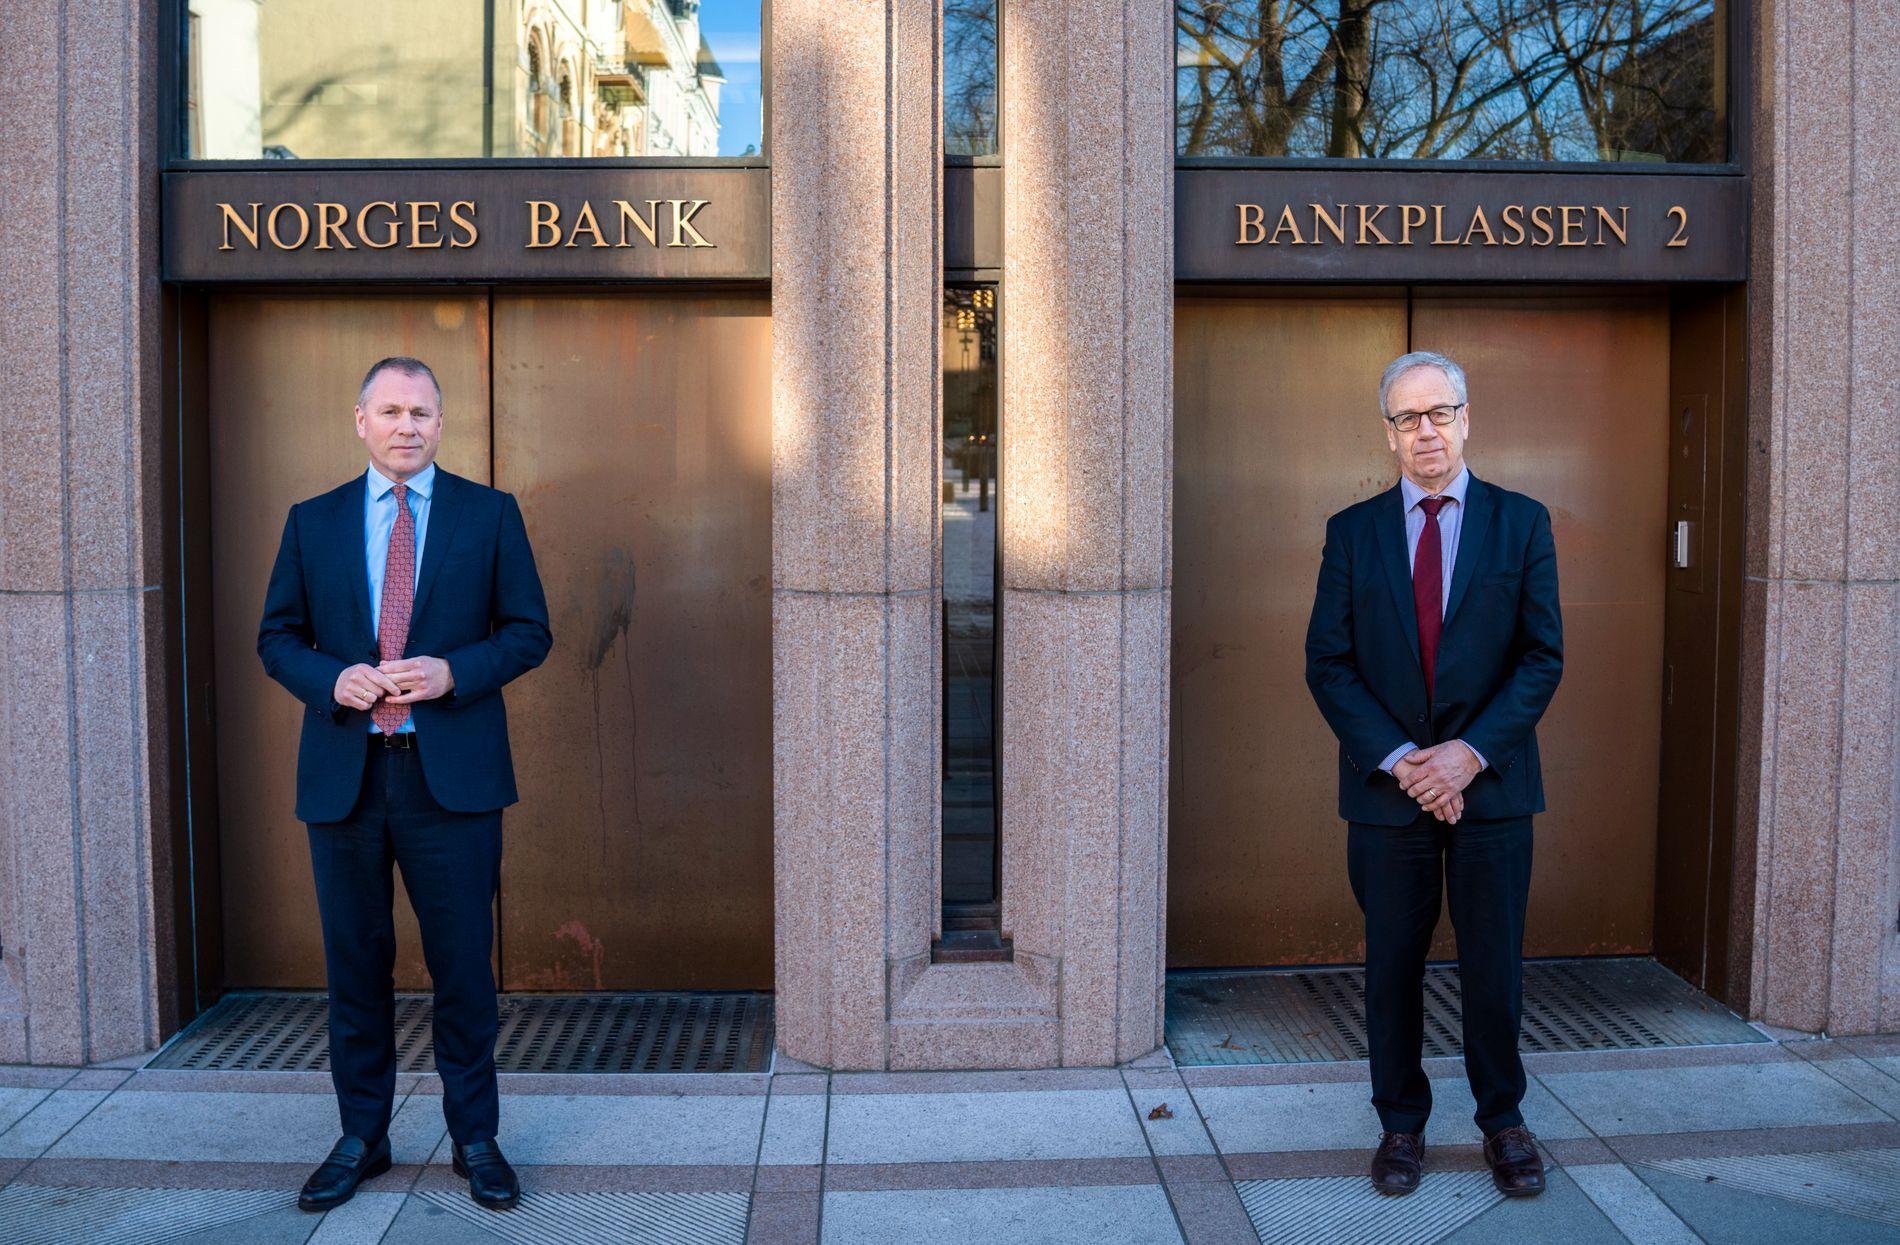 Ngân hàng Trung ương Na Uy dự định tăng lãi suất vào tháng 9/2021 - Ảnh 1.